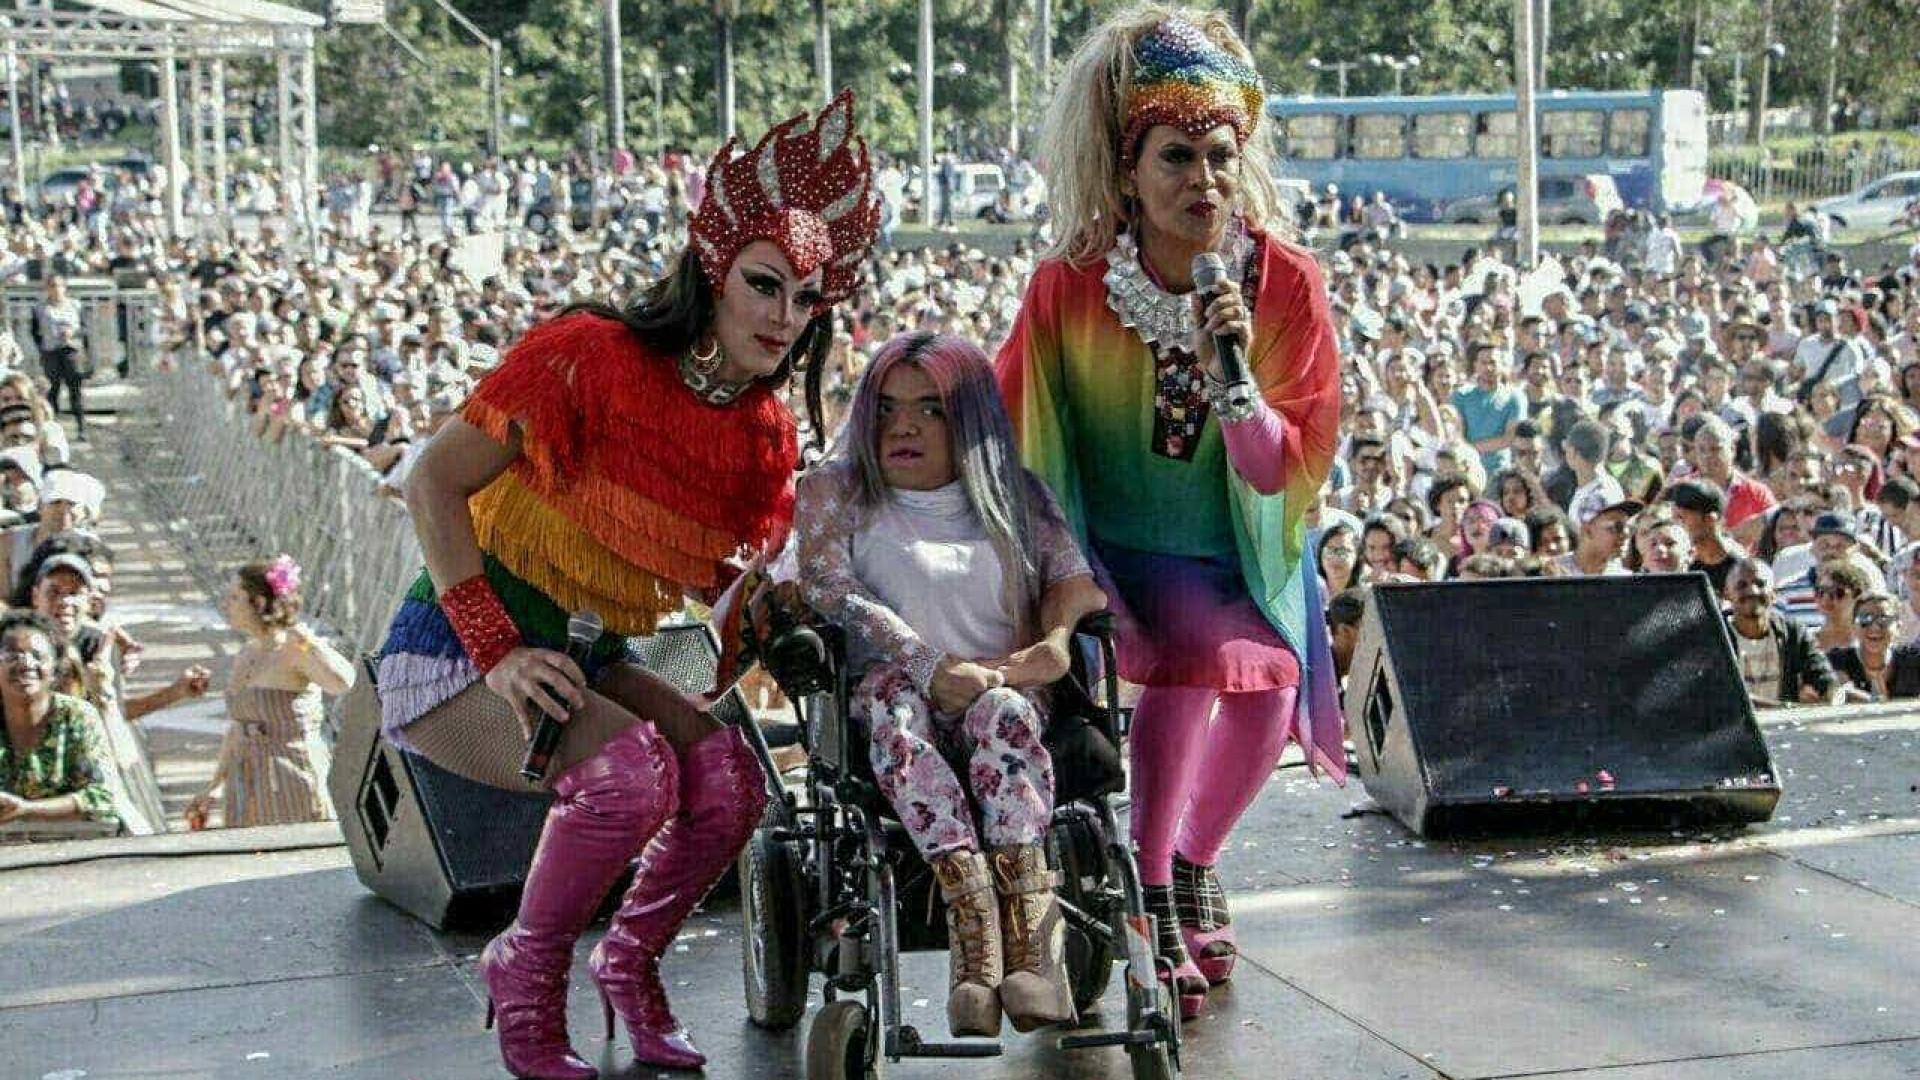 Parada do Orgulho LGBT reúne 80 mil pessoas